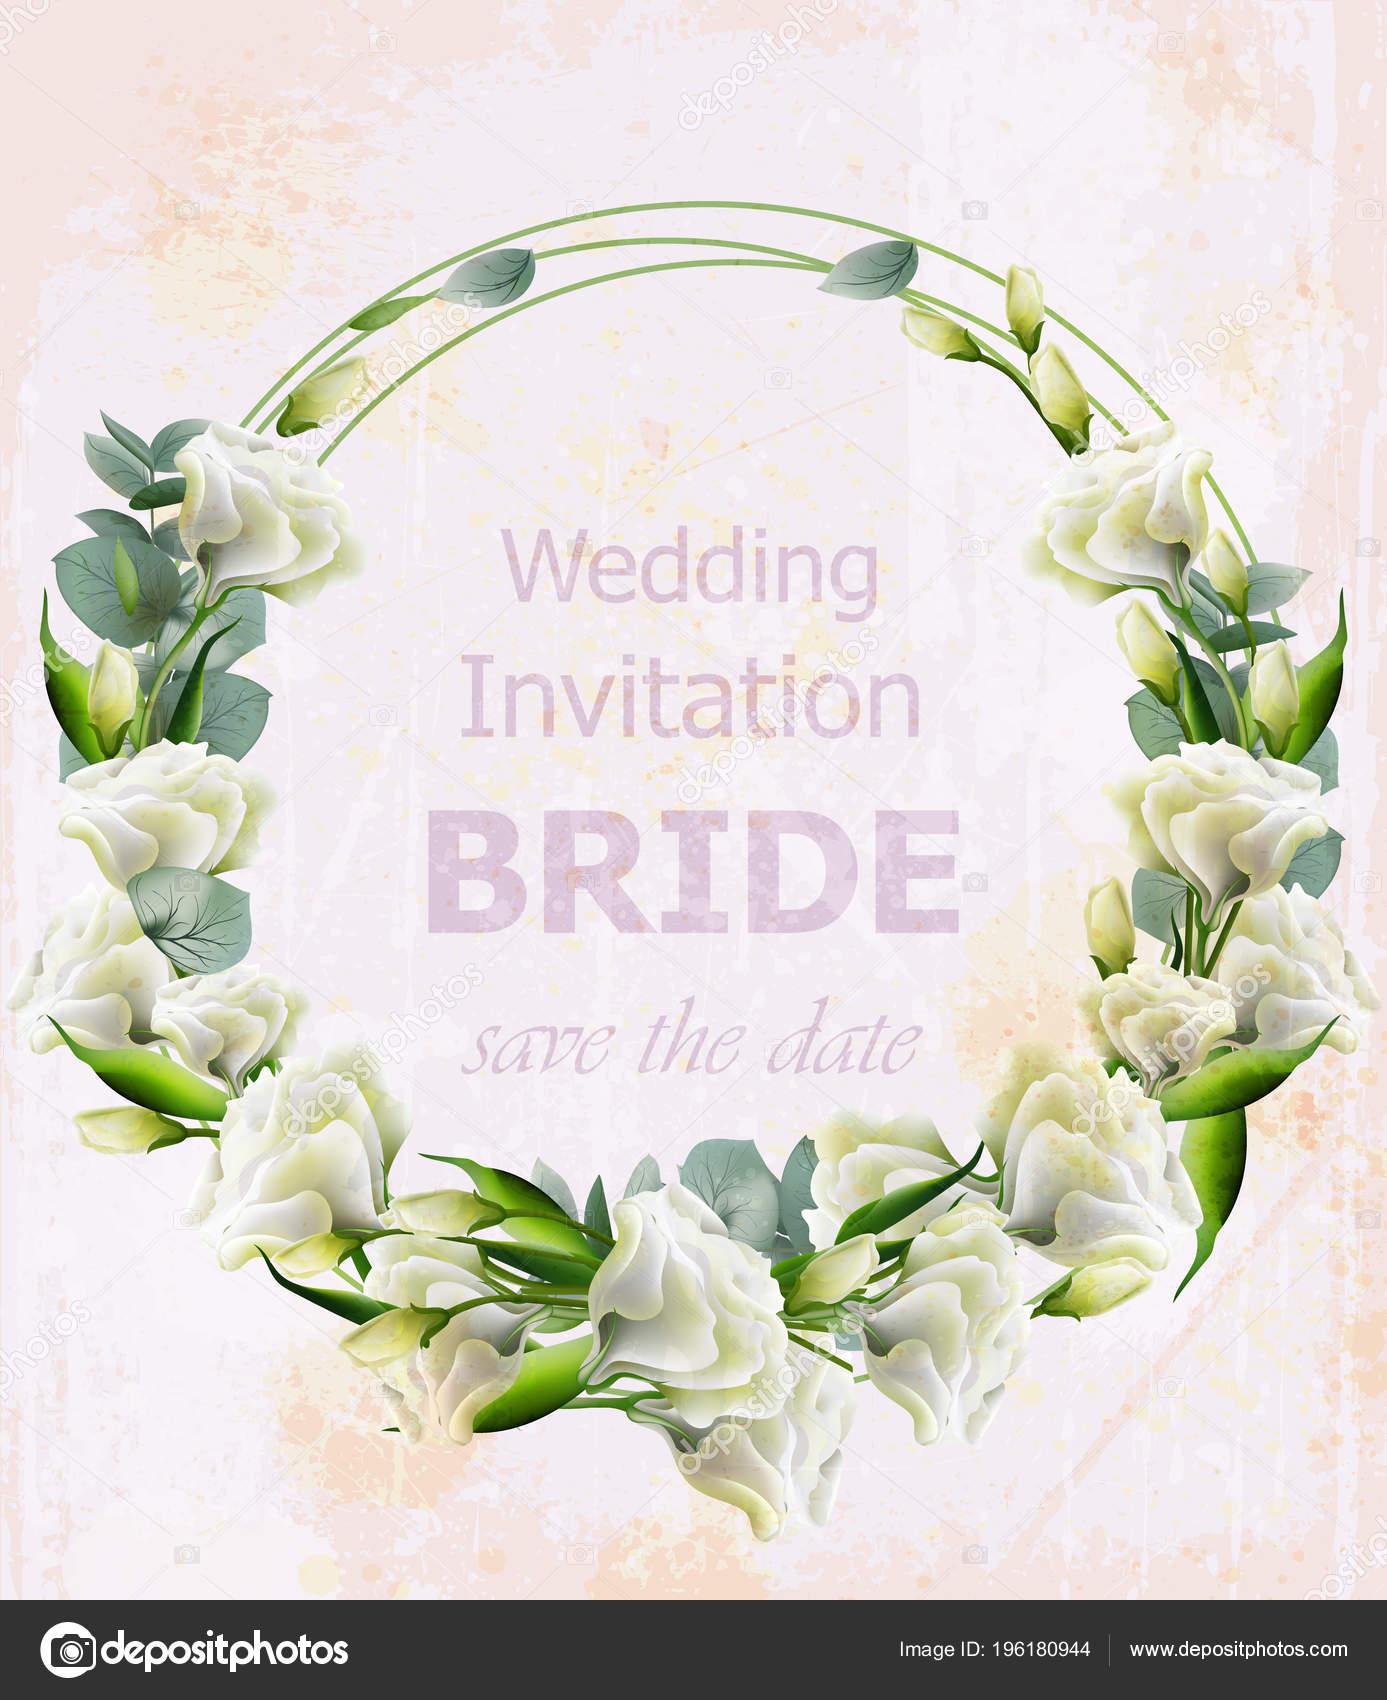 Aquarell Weisse Blumen Vektor Kranz Schone Hochzeitseinladung